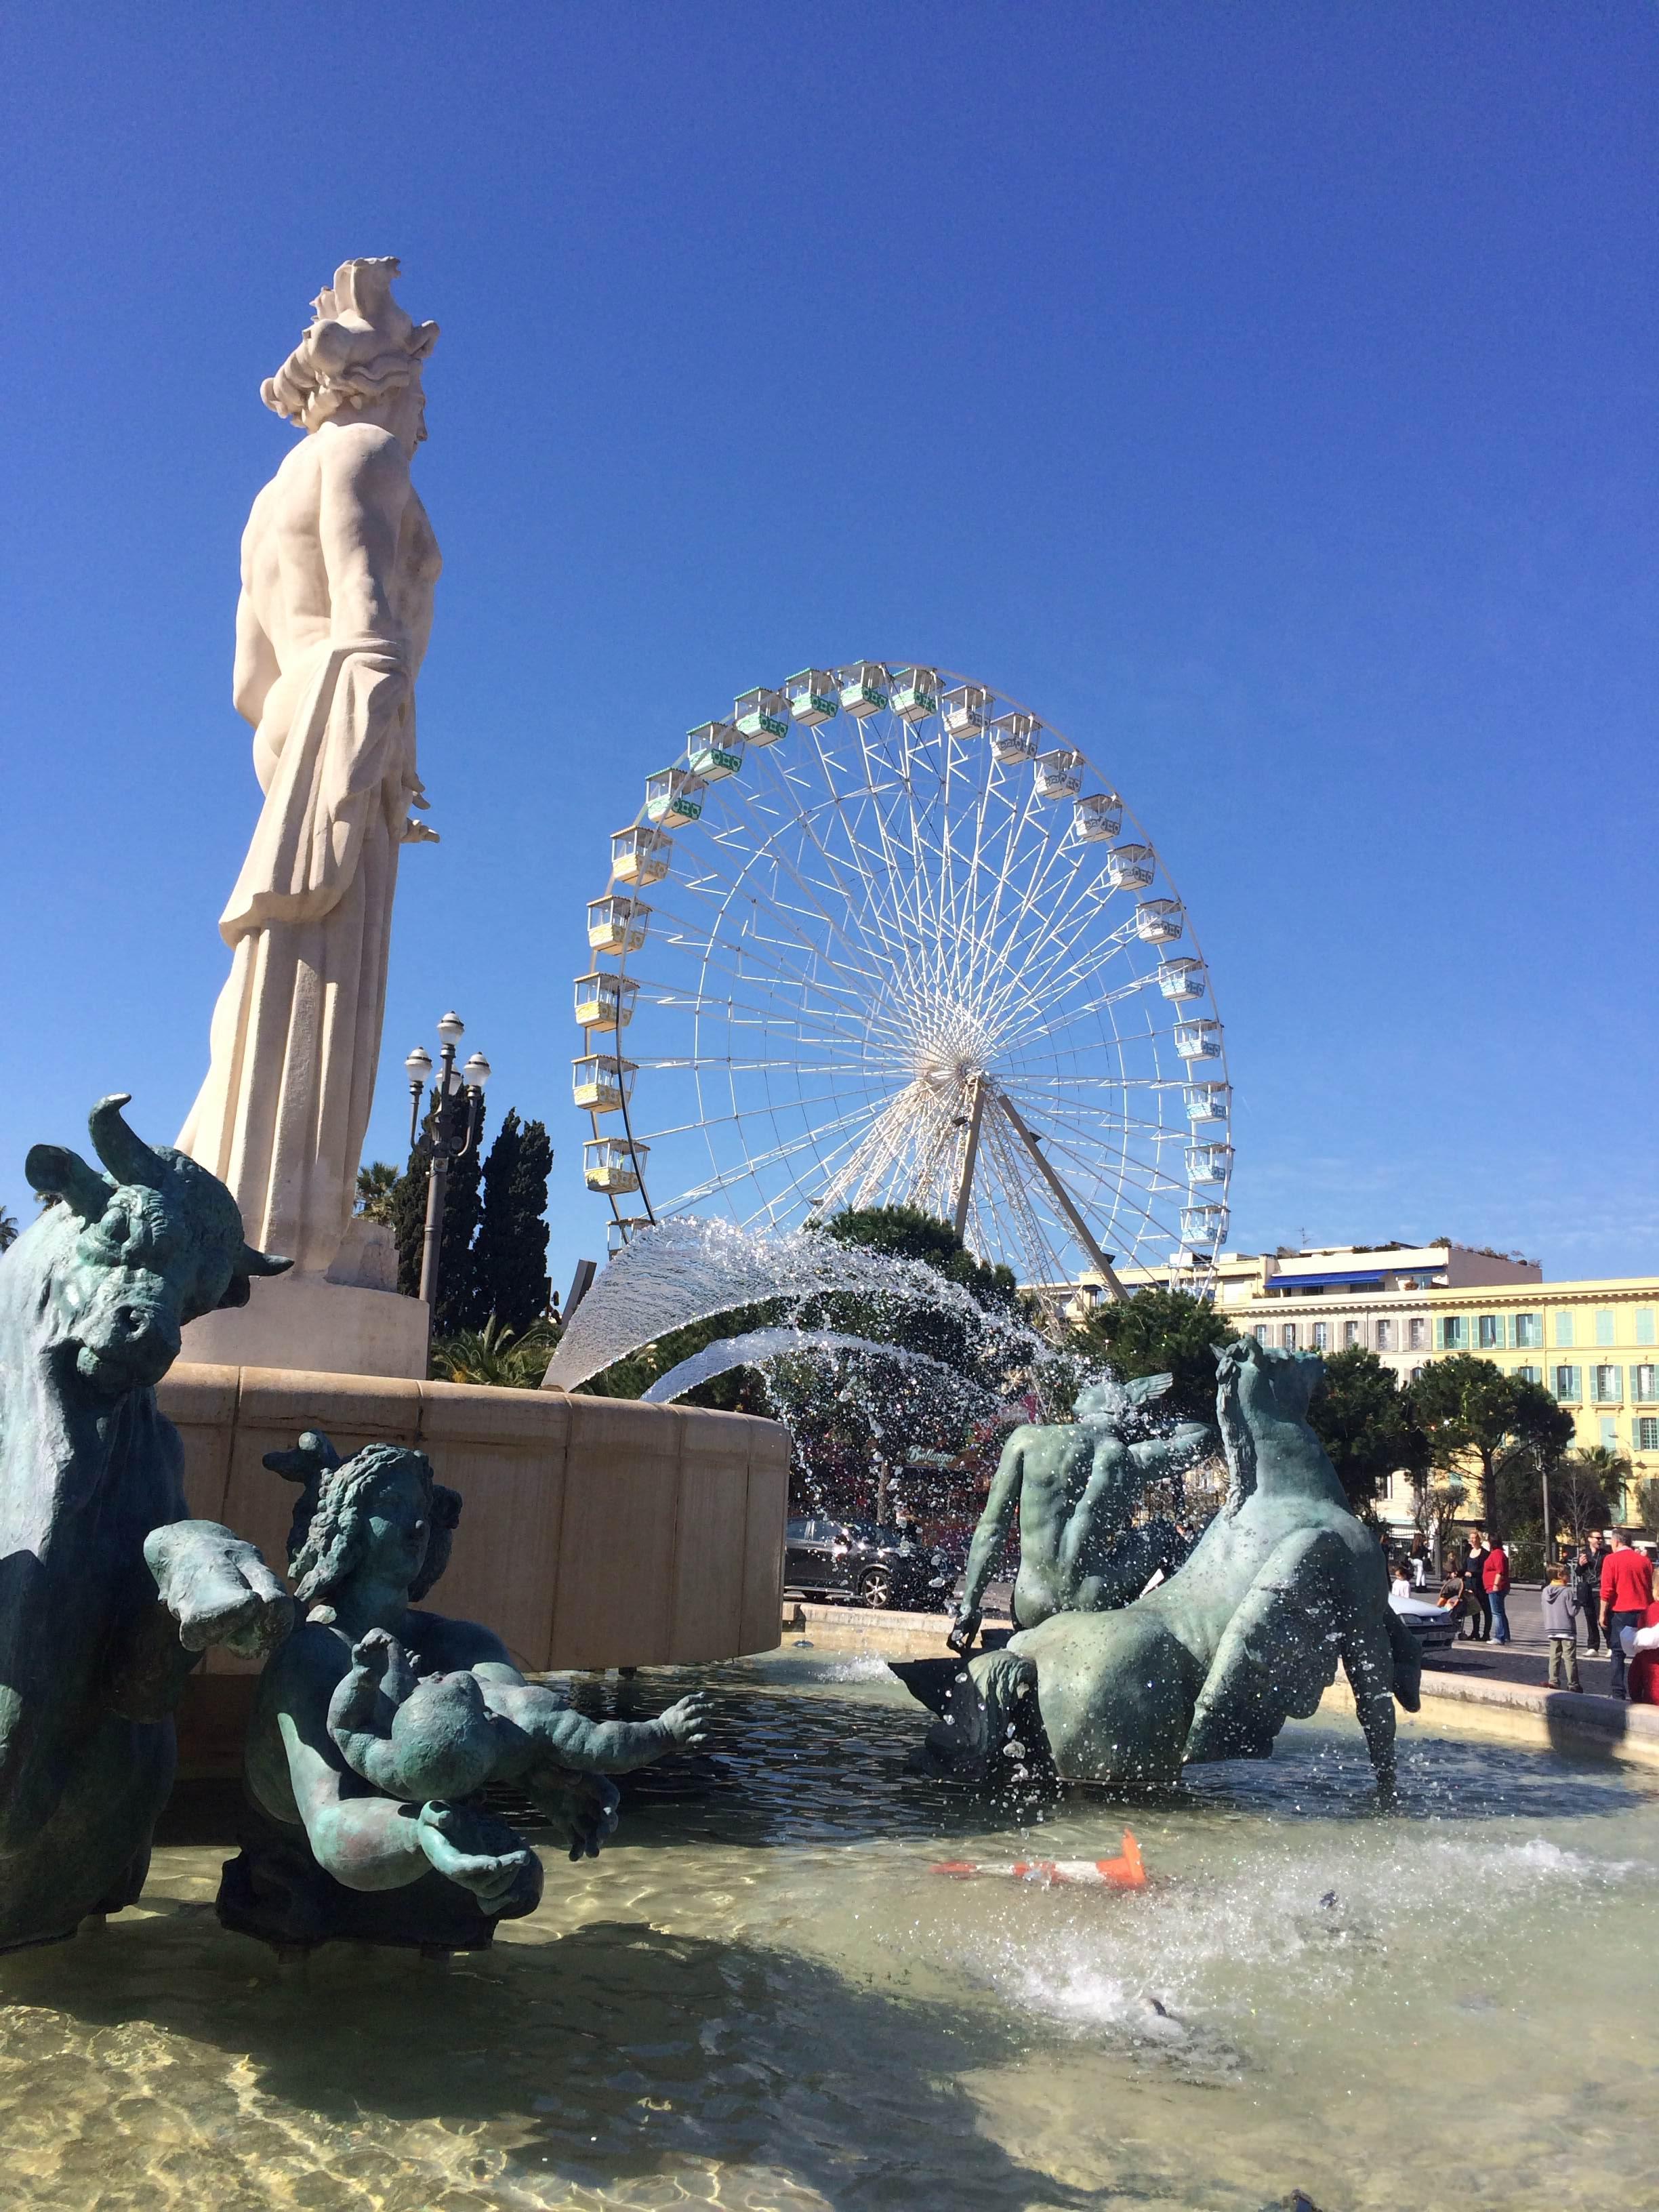 Ferris Wheel, fountain and clear blue skies